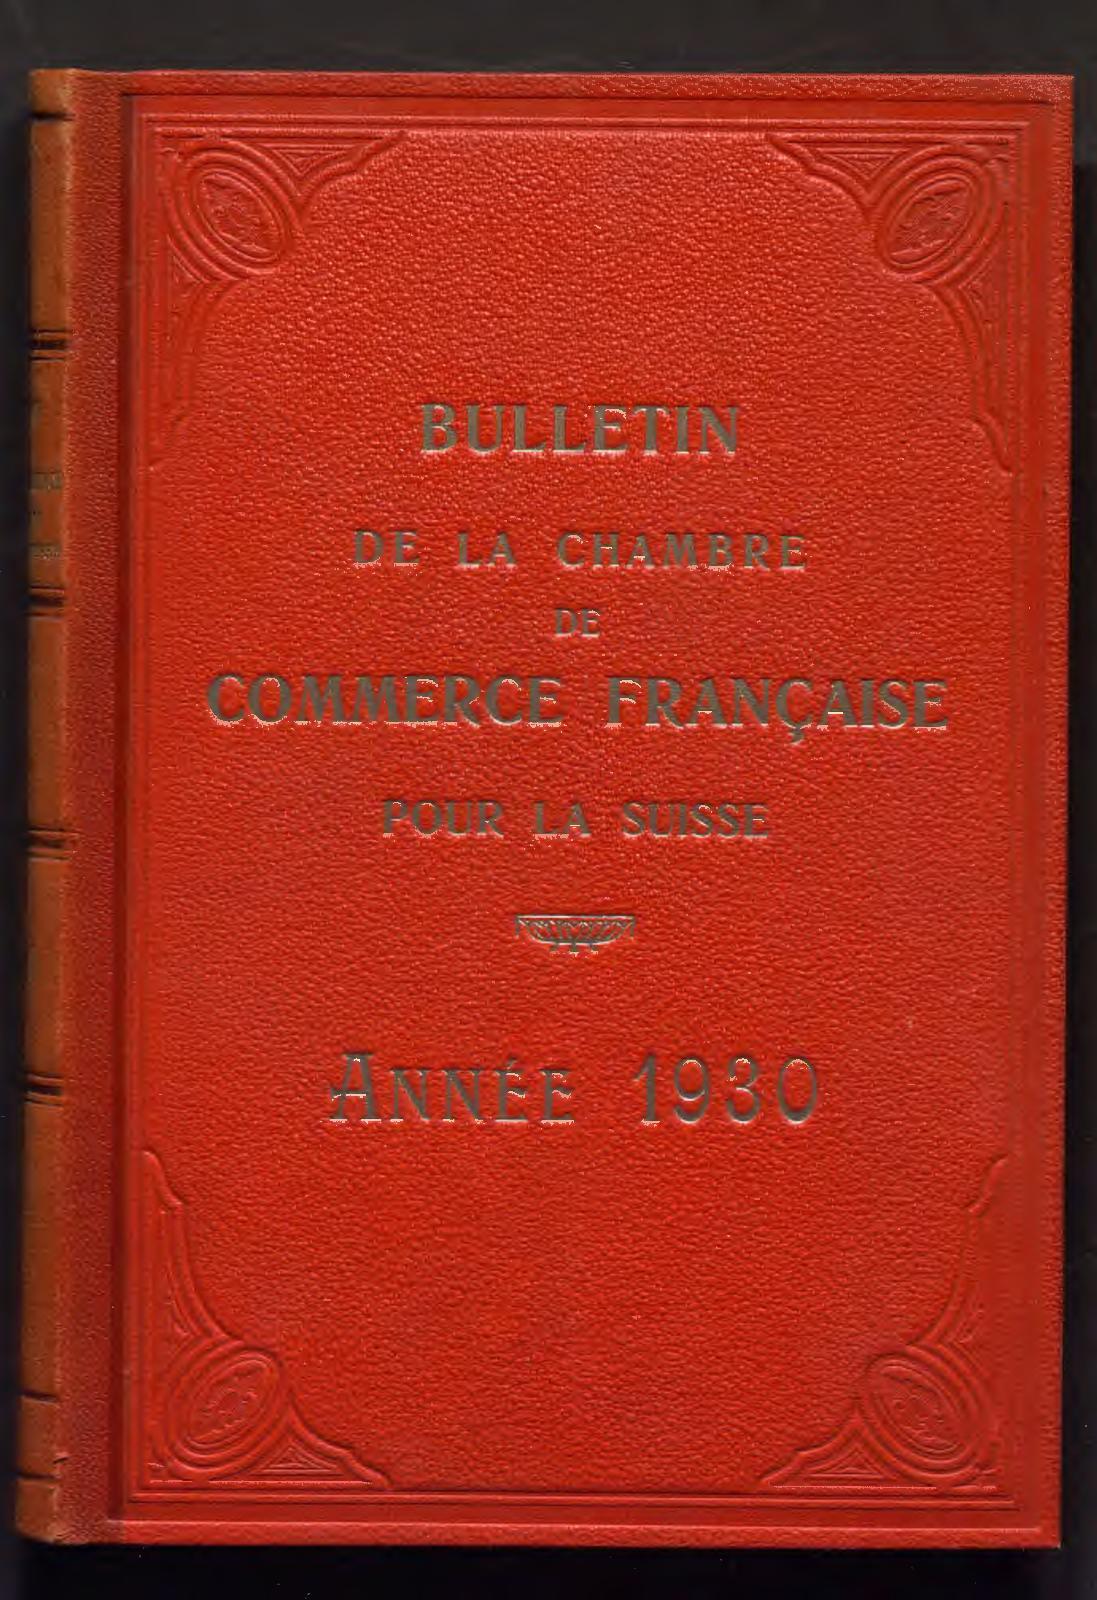 Bijouteries Emery papier Fabrication de Bijoux grade 1g = 180